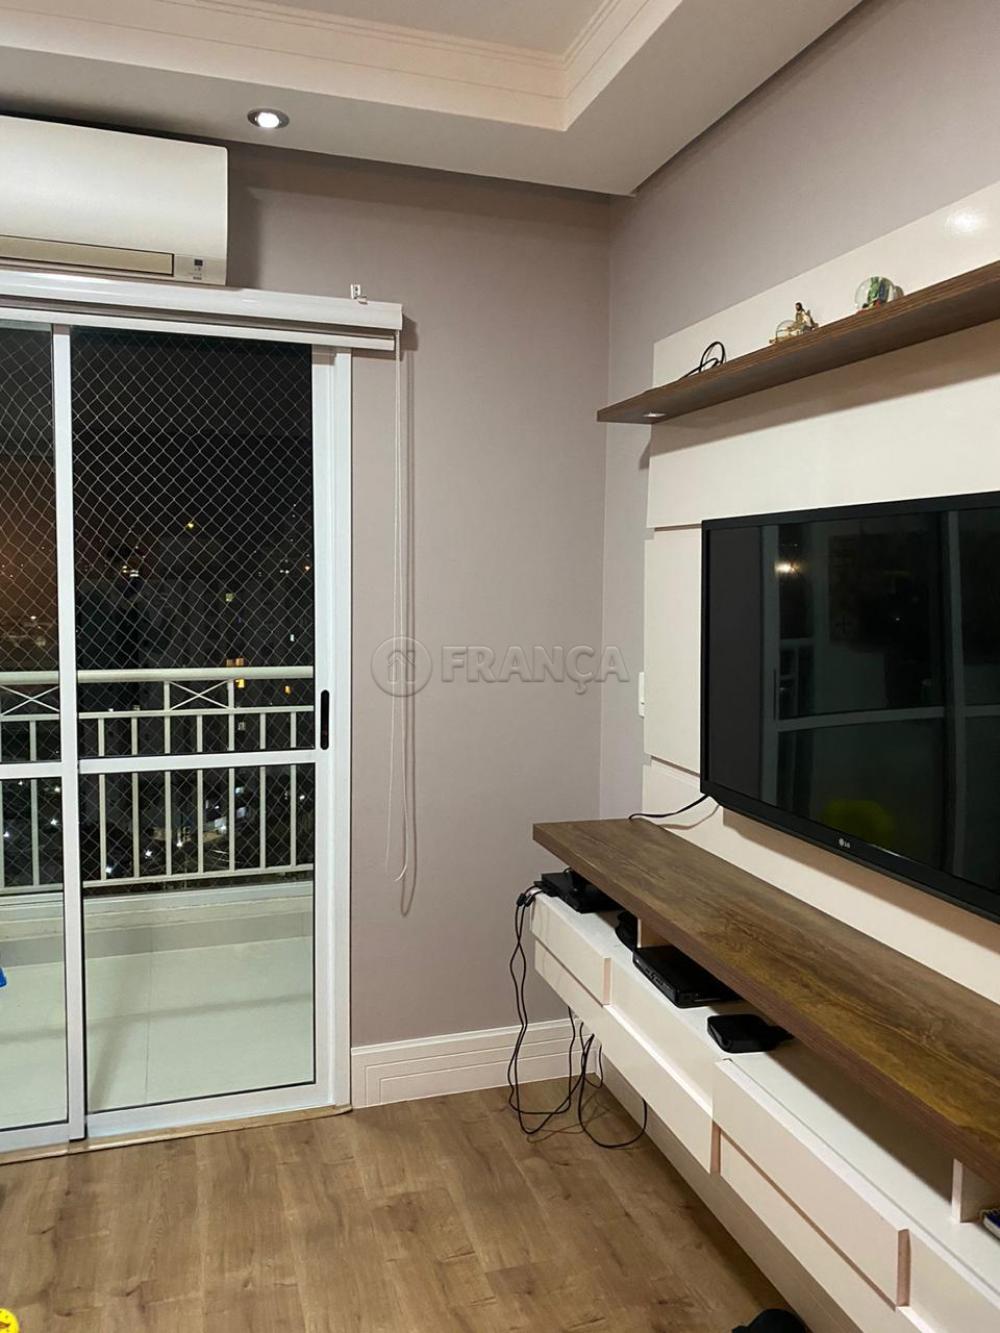 Comprar Apartamento / Padrão em São José dos Campos apenas R$ 480.000,00 - Foto 2